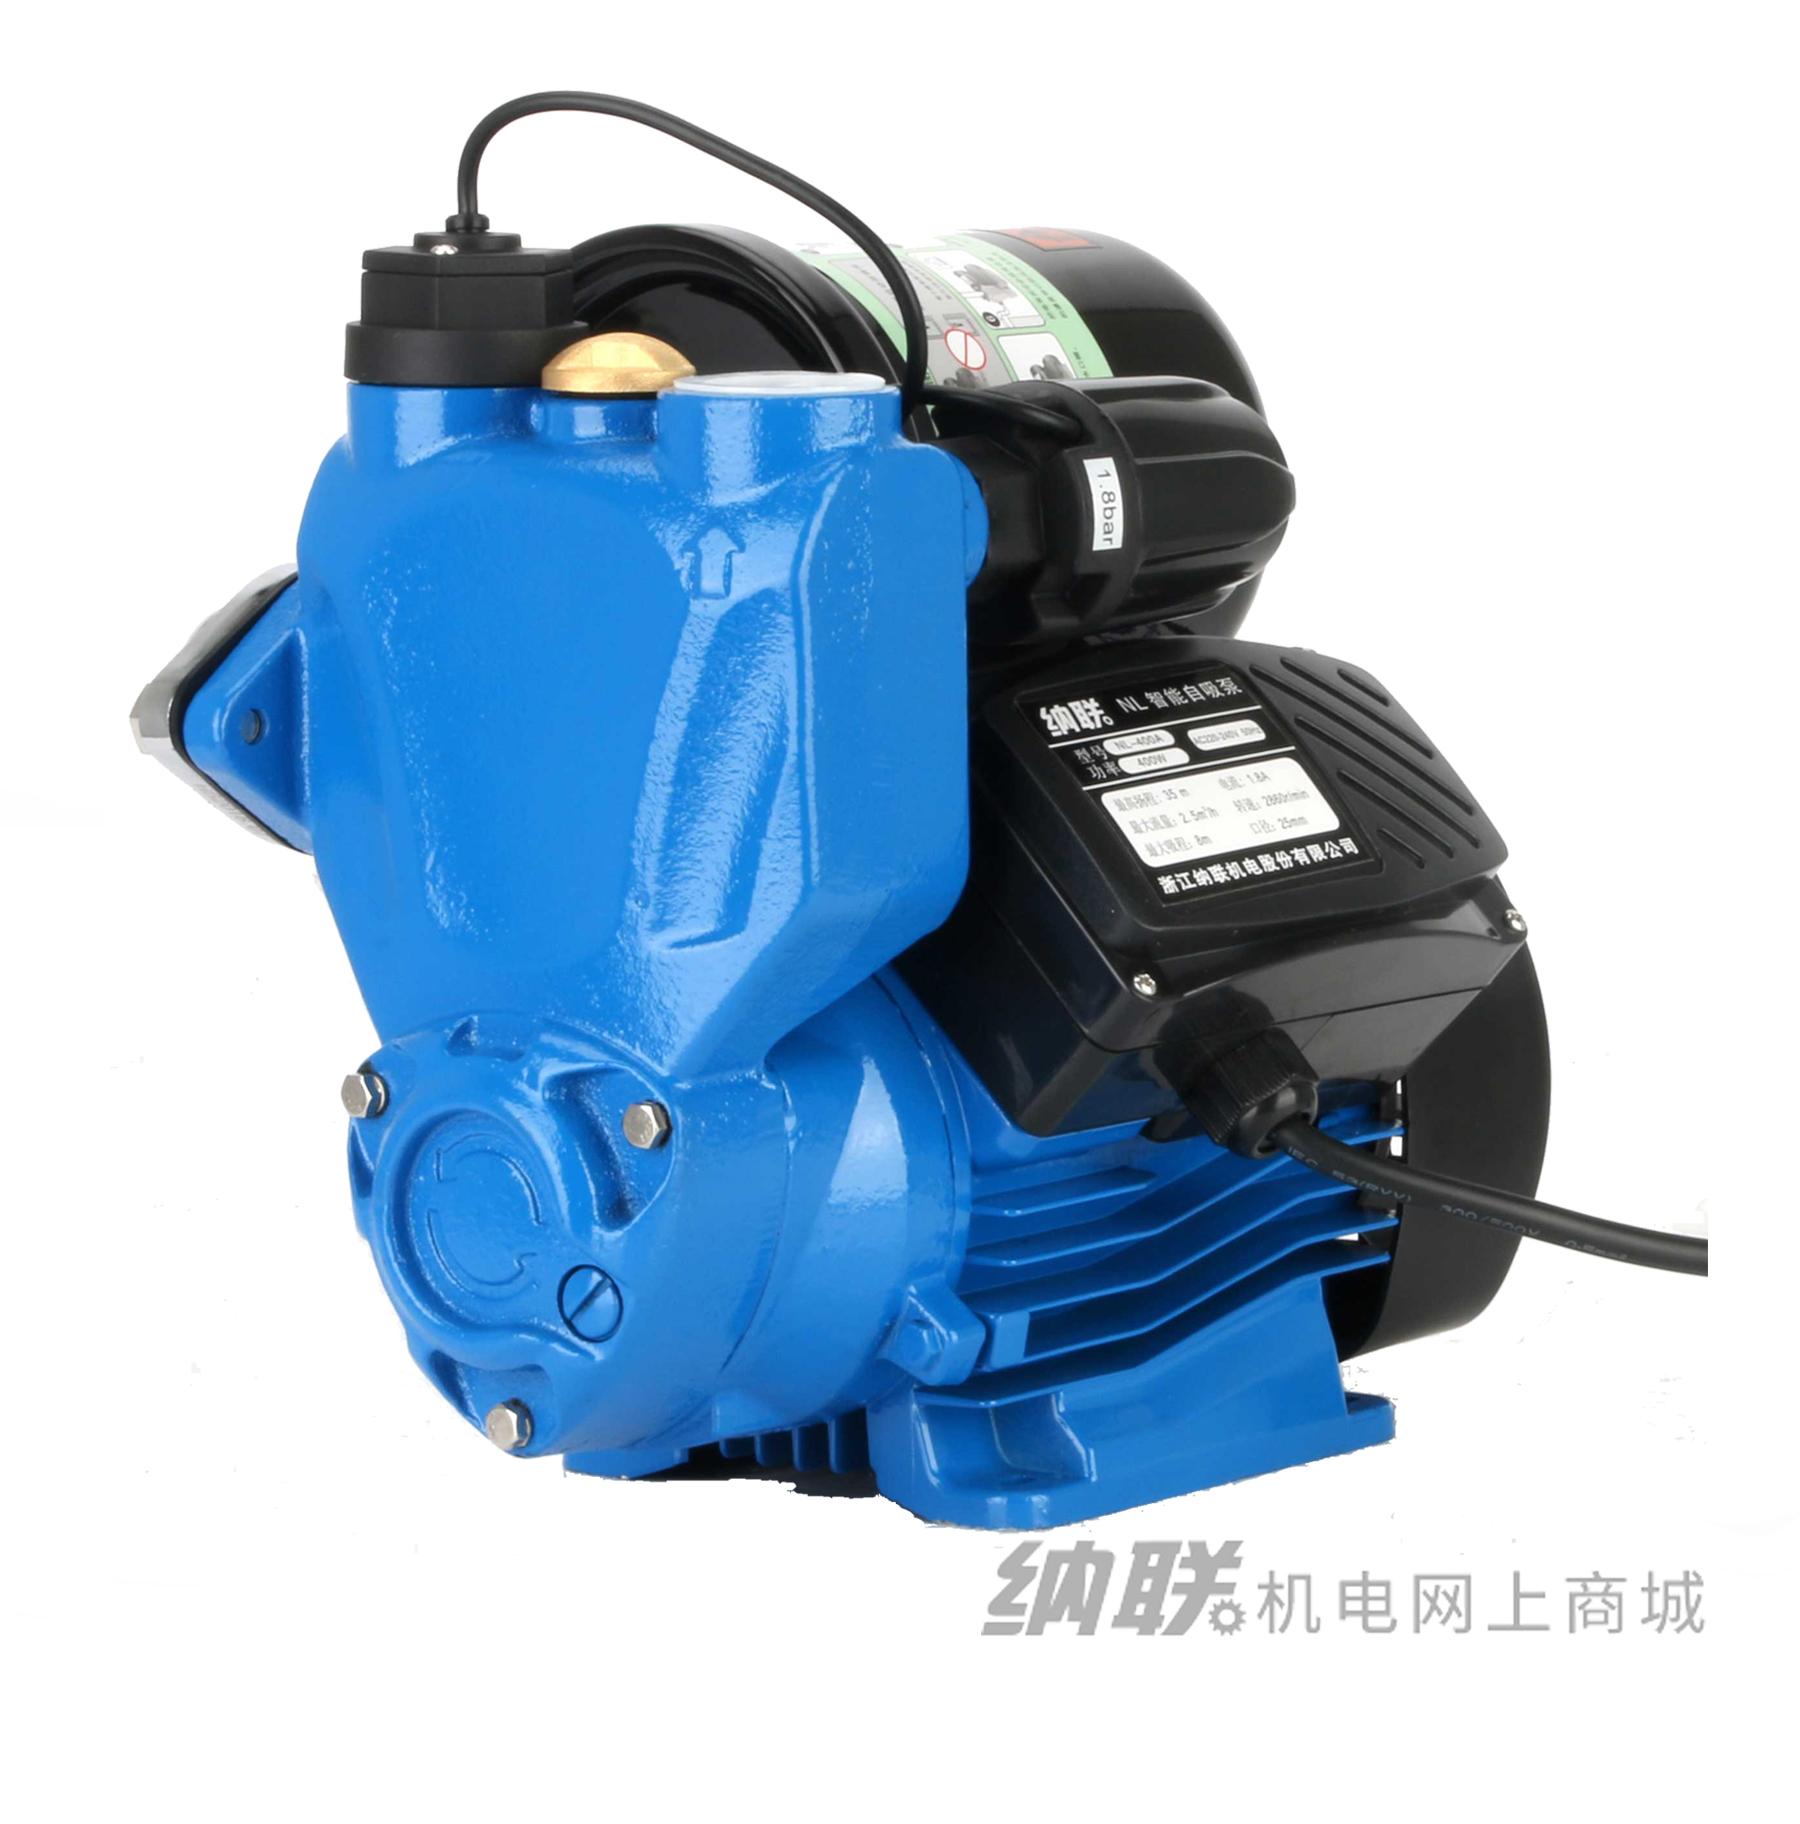 纳联机电 智能全自动自吸泵-NL60-800A